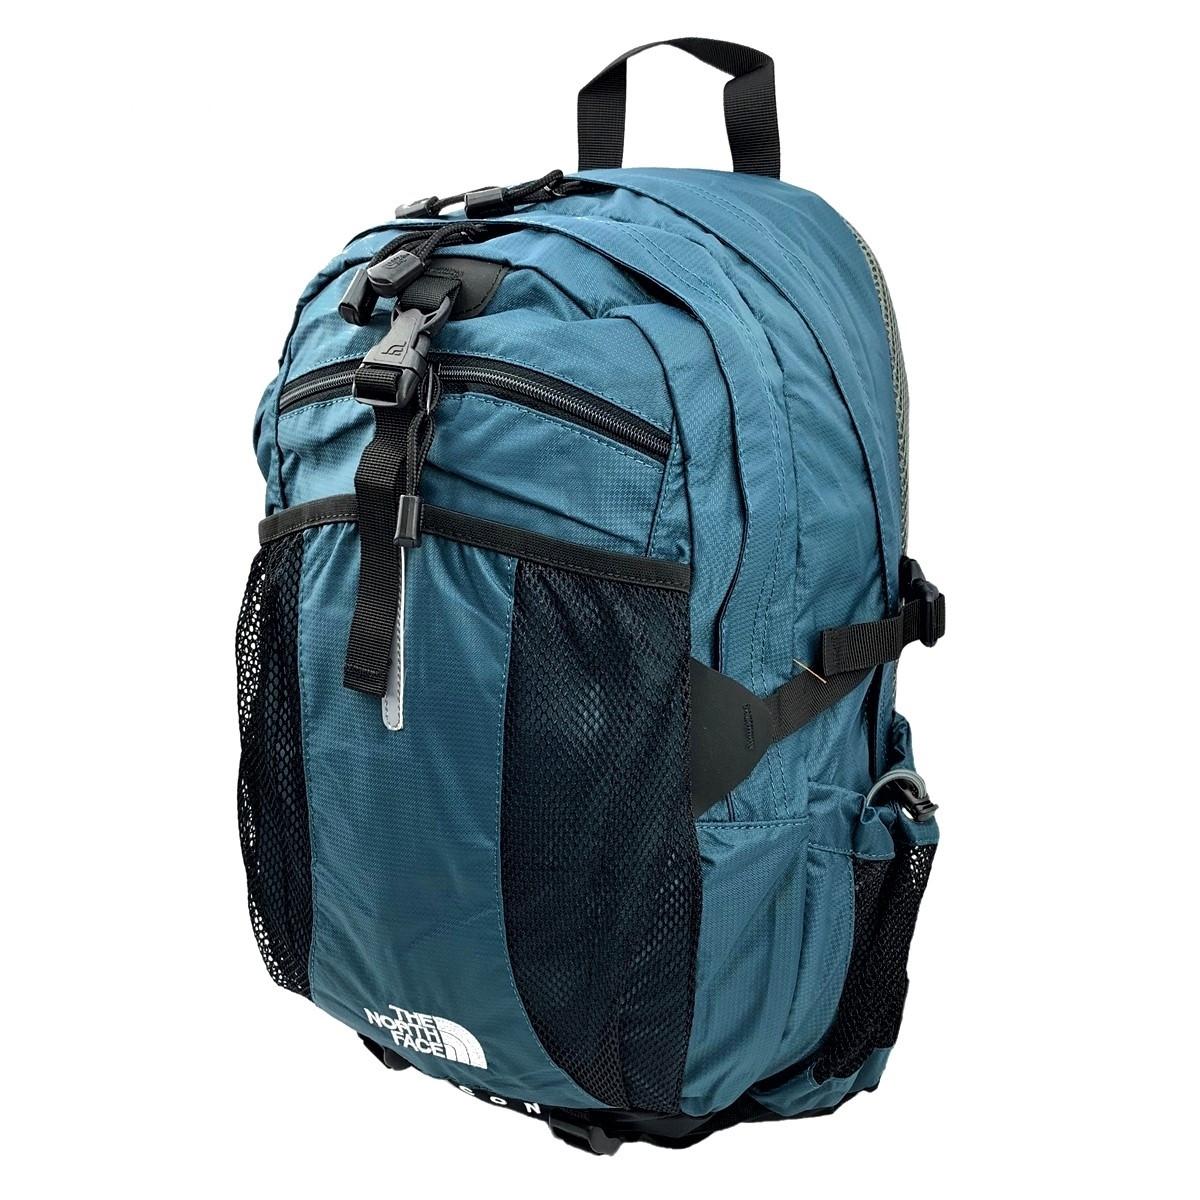 Городской рюкзак The North Face Recon 33L тёмно-голубого цвета с отделением для ноутбука